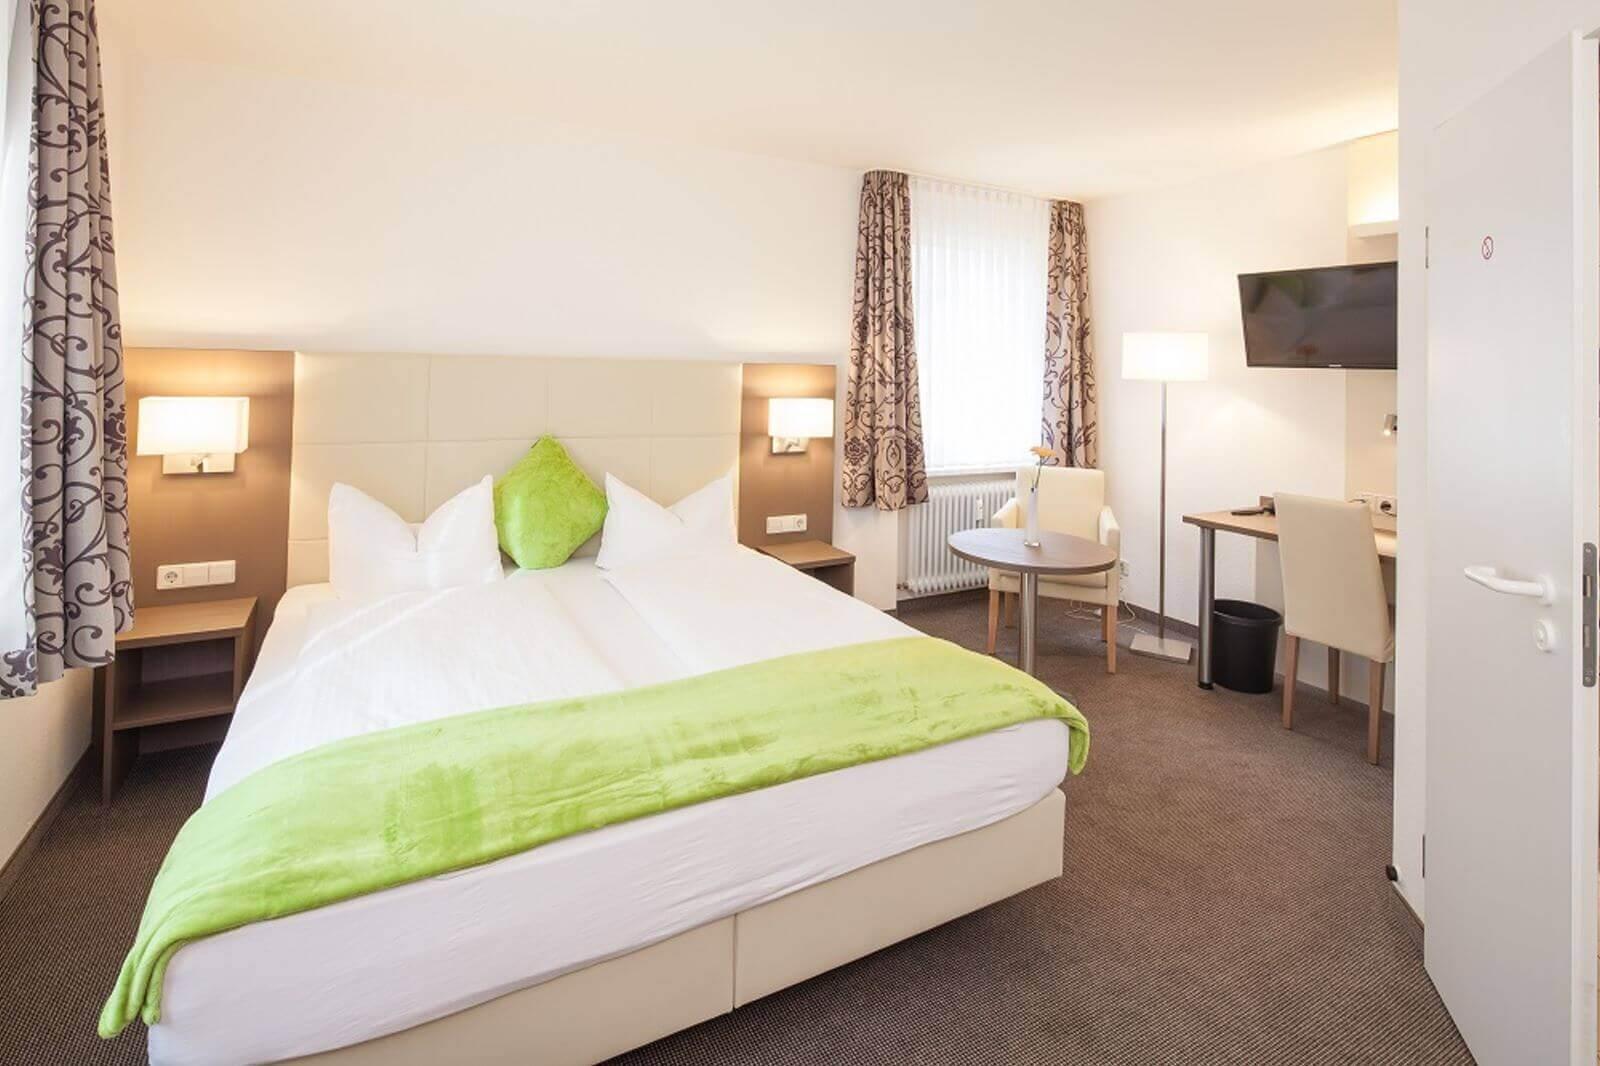 doppelzimmer-hotel-garni-pension-freiburg-cityhotel-innenstadt-guenstig (3)